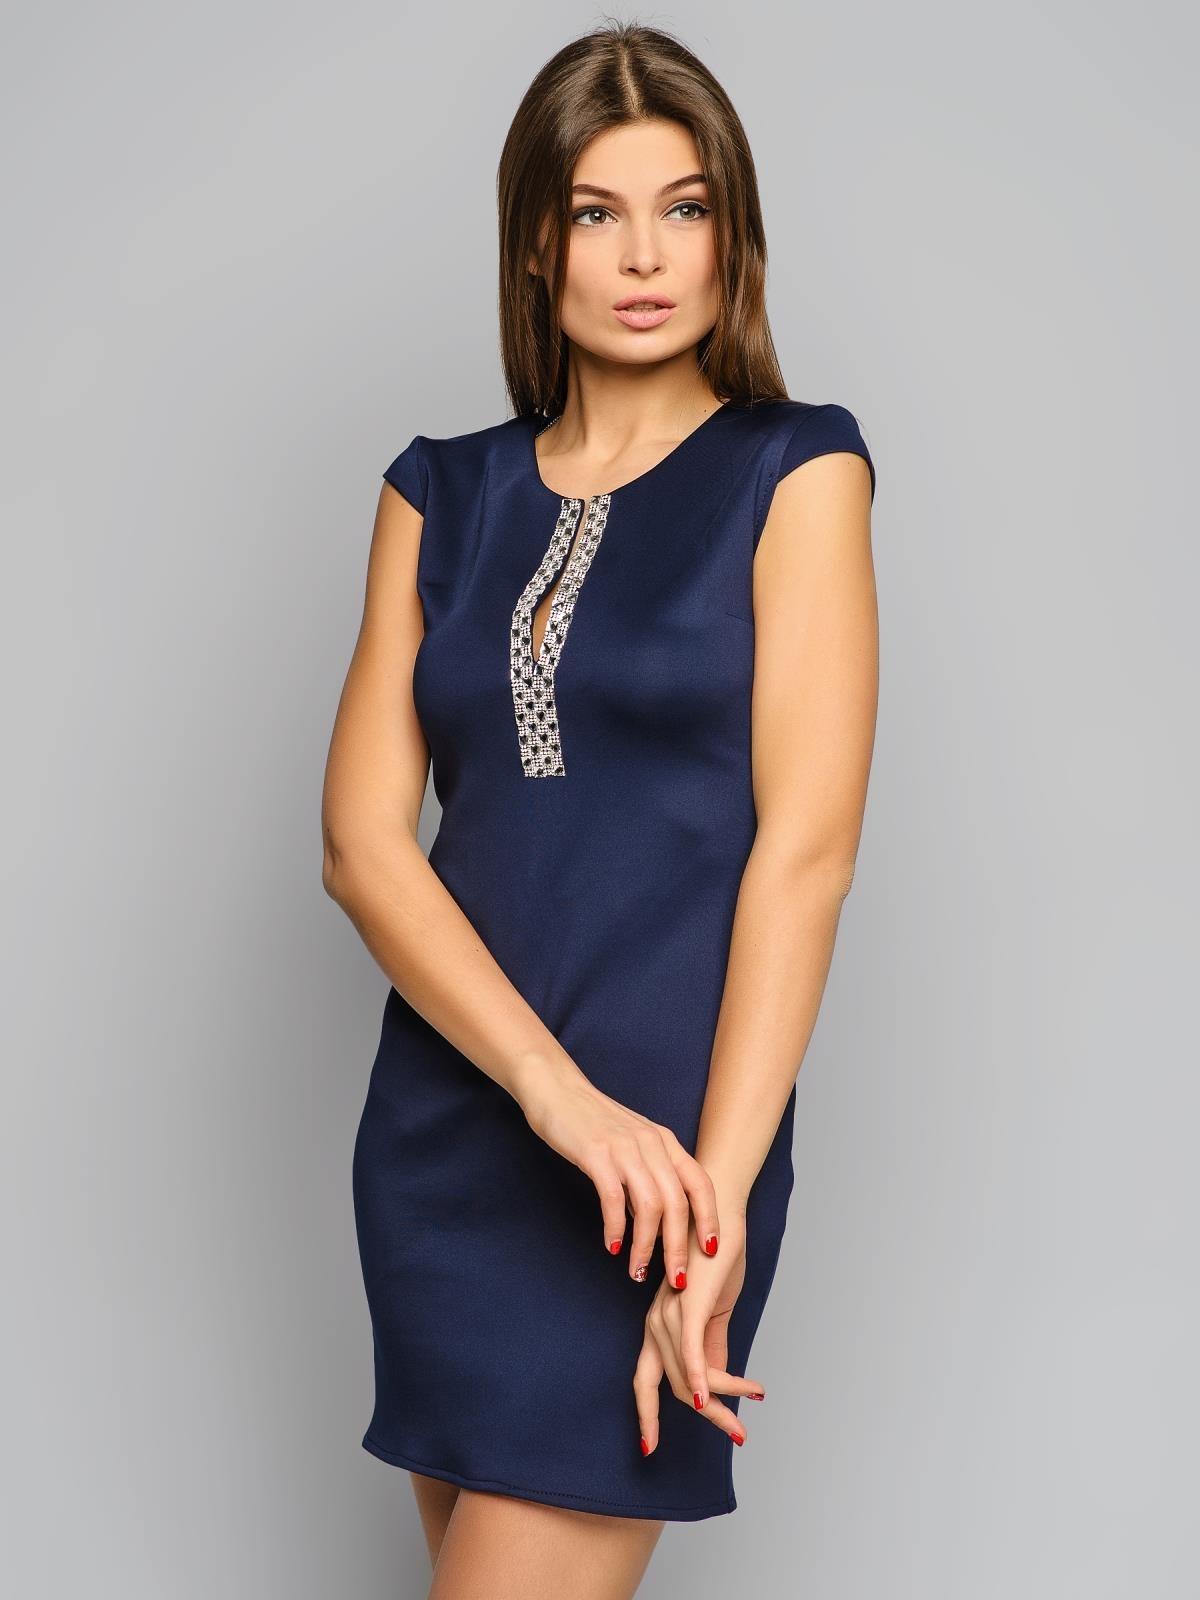 Как украсить простое синее платье своими руками